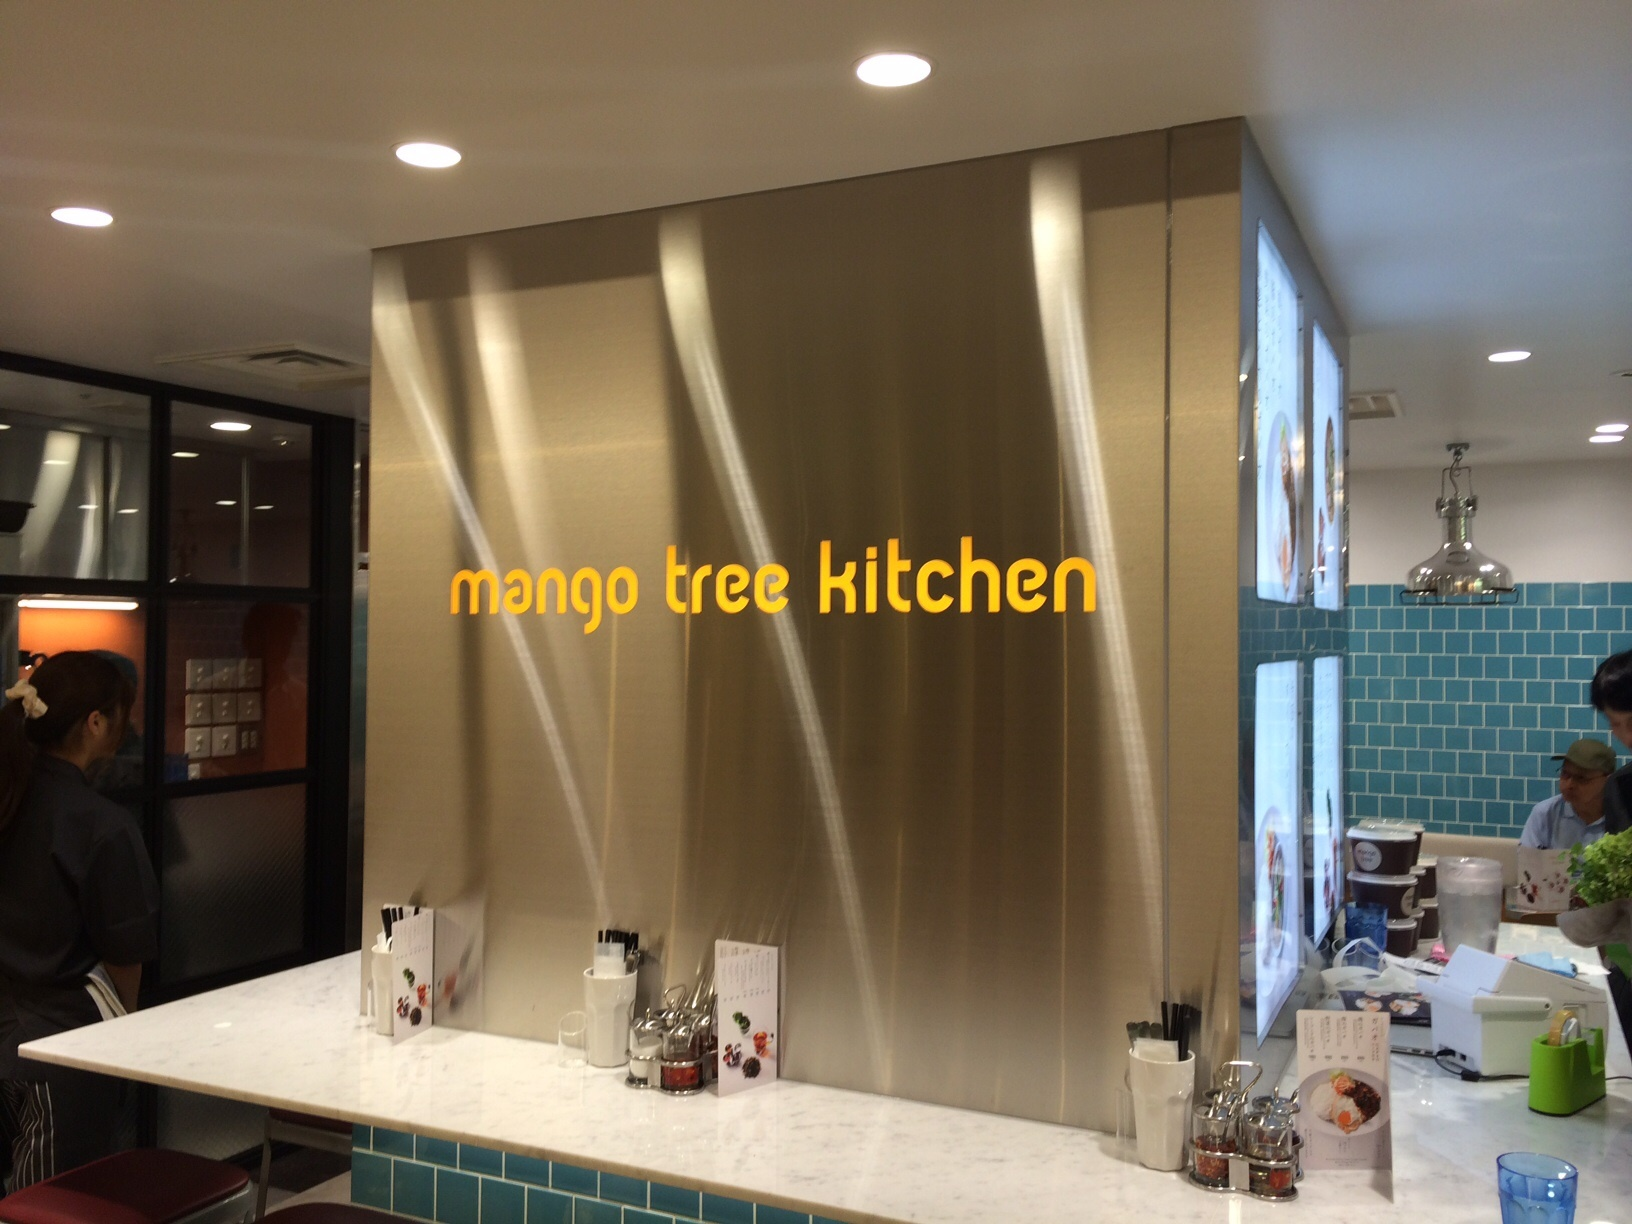 マンゴツリーキッチン 横浜ジョイナス